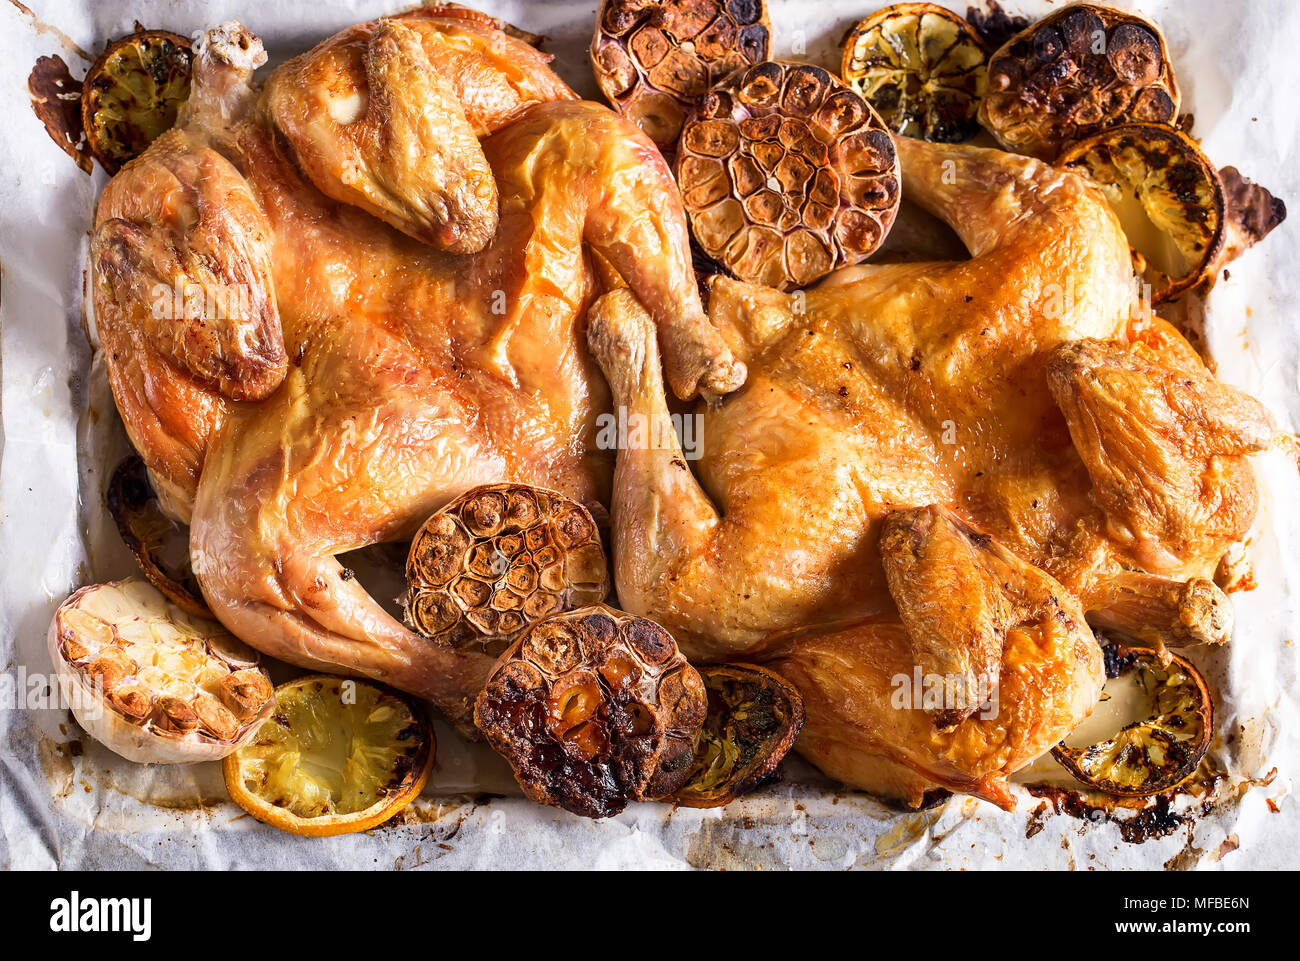 Aus Flattaned gerösteten goldenen Huhn mit Zitrone und Knoblauch. Ansicht von oben. Stockbild